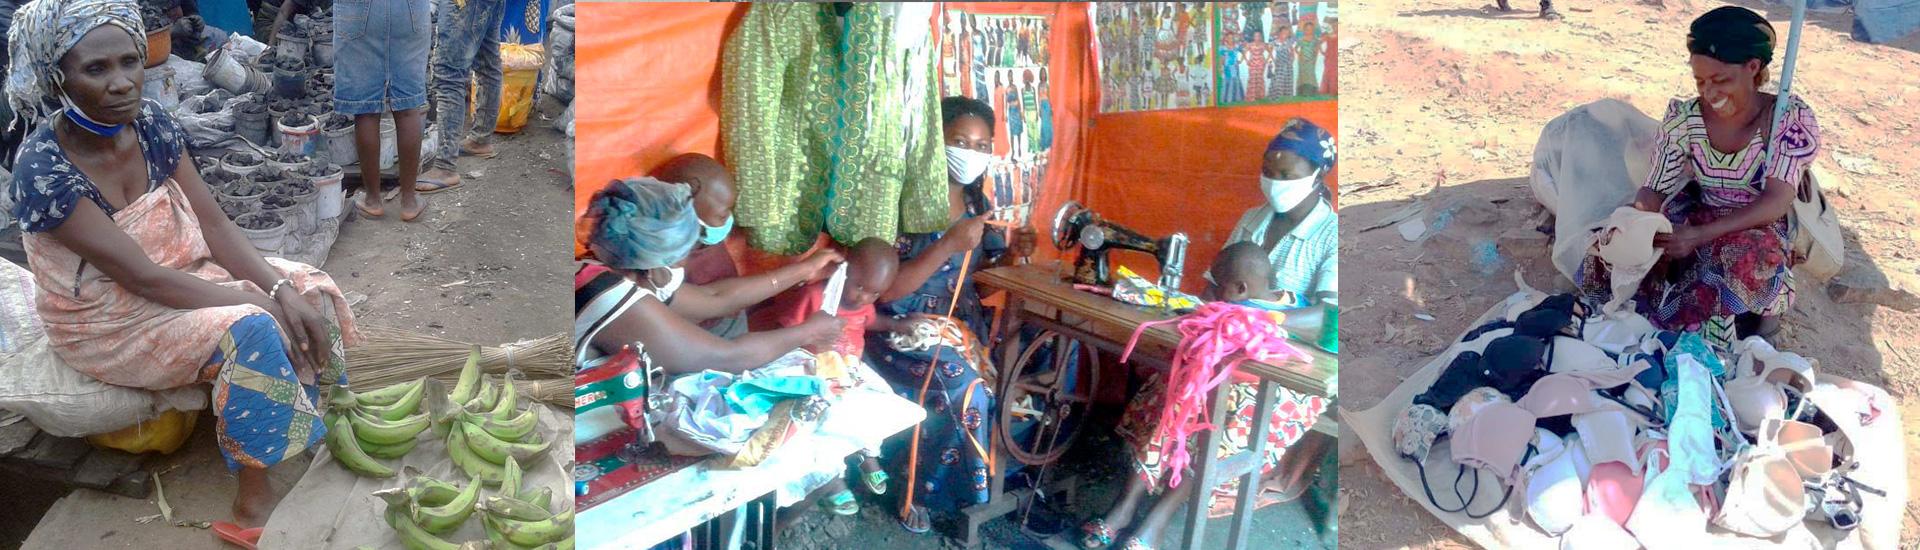 """El Centro Don Bosco de Bukavu devuelve la esperanza a las """"madres coraje"""" en medio de la pandemia"""